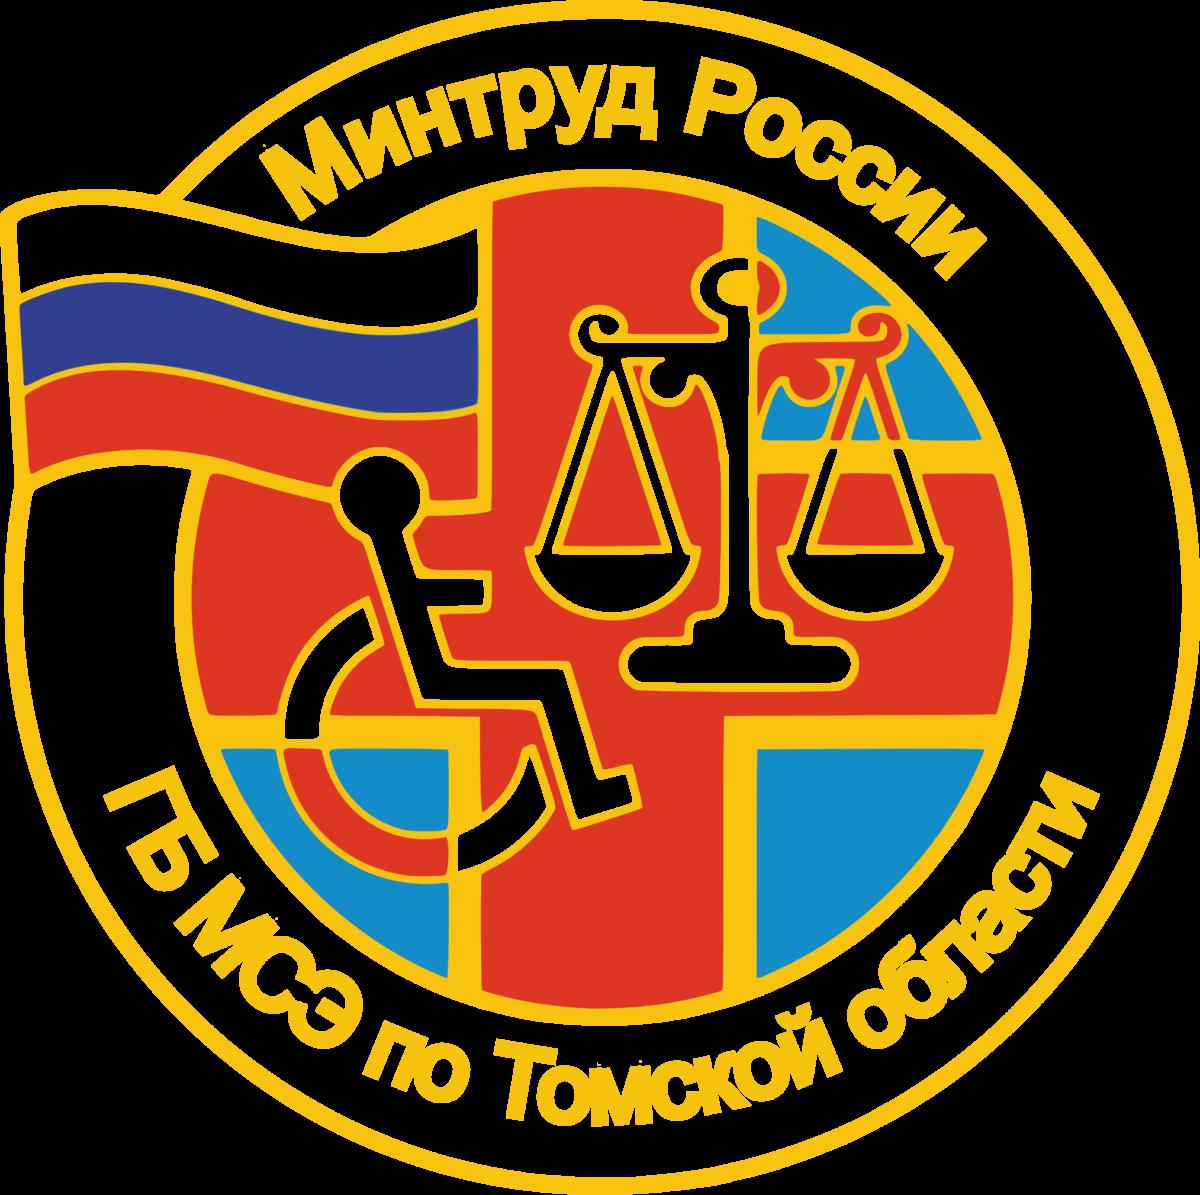 14 июля состоится очный прием граждан по вопросам соблюдения прав инвалидов